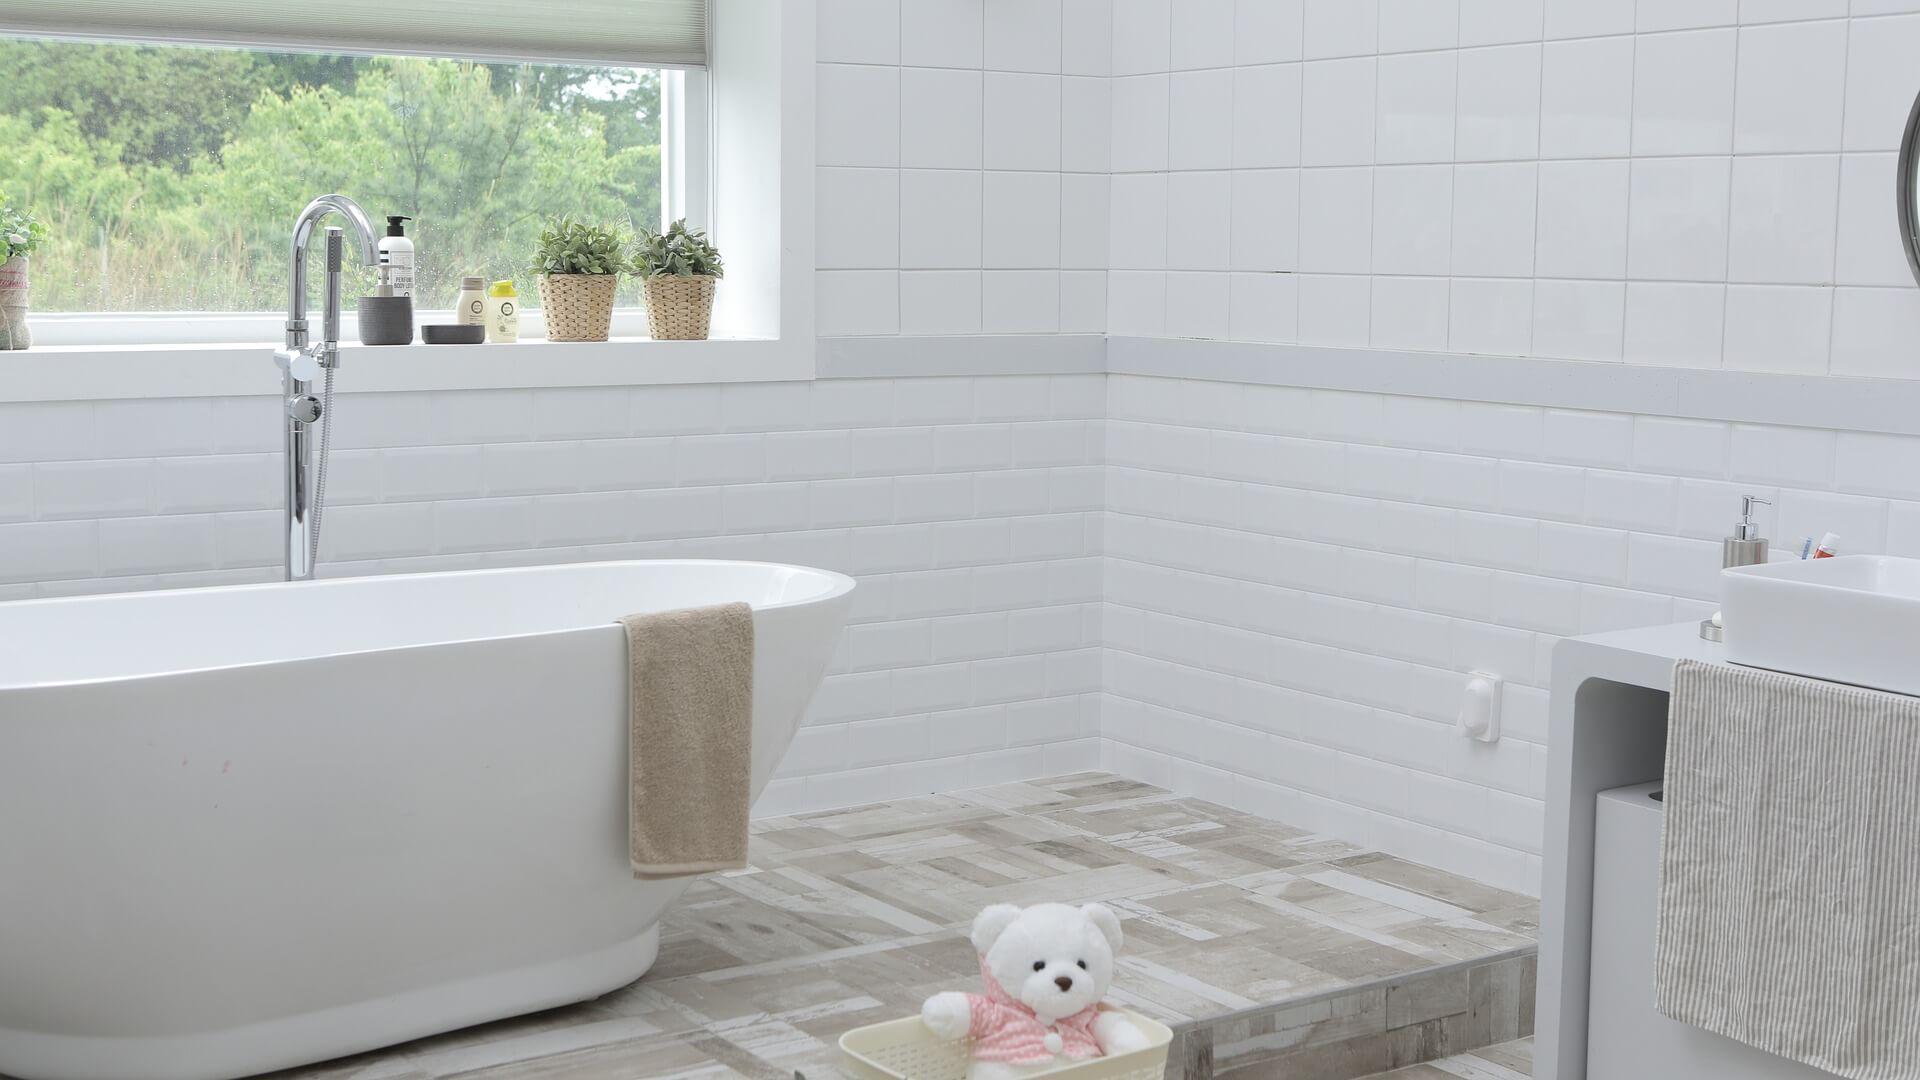 Arbeitszimmer: Kosten für Modernisierung des Badezimmers nicht absetzbar